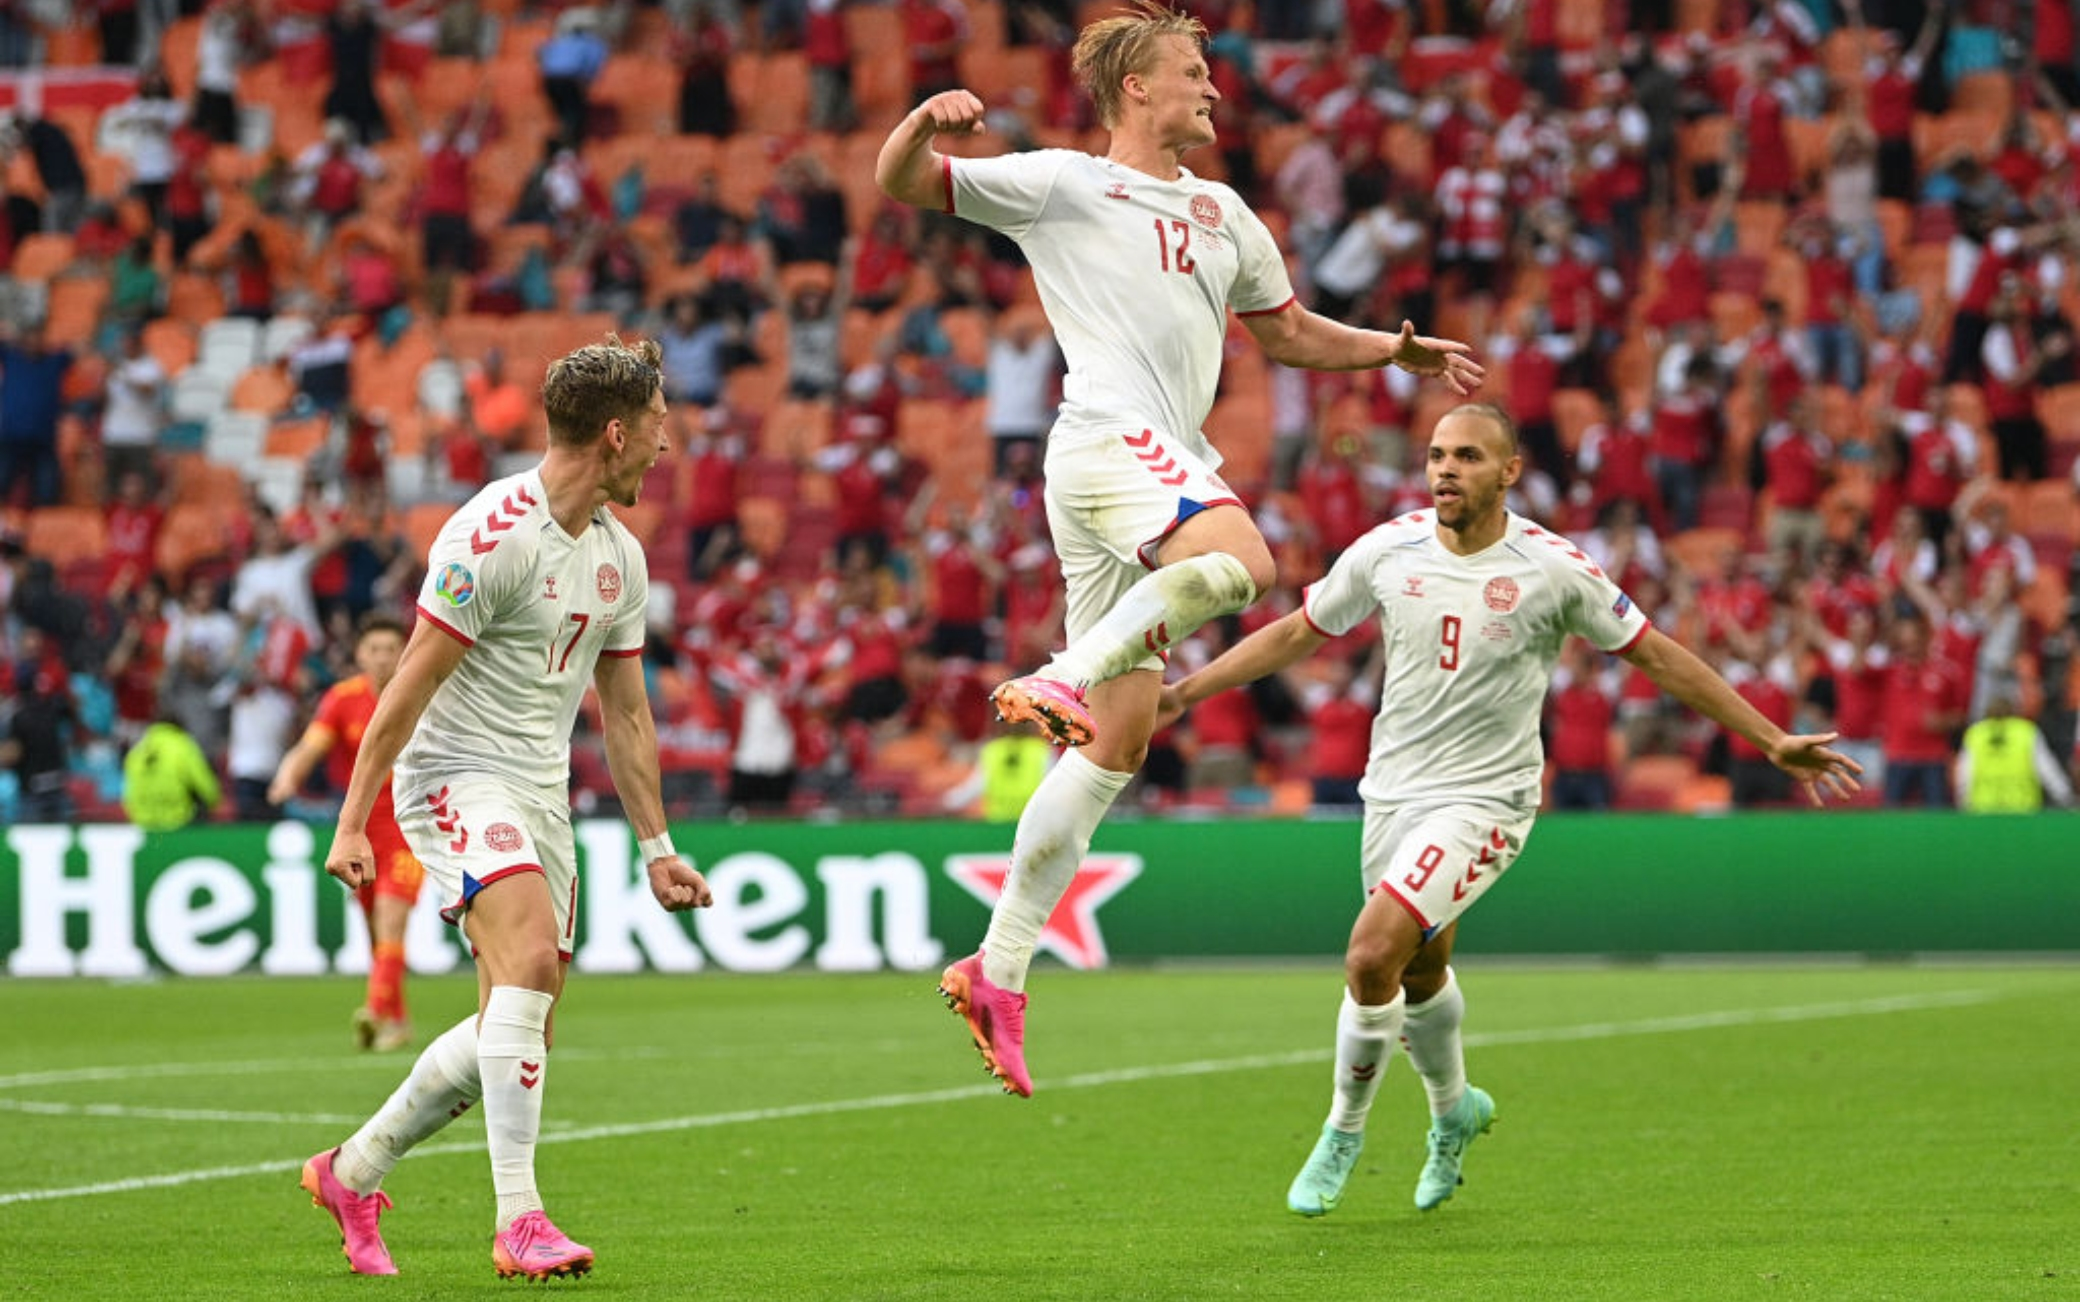 Galles Danimarca, formazioni ufficiali e risultato in diretta live | Sky  Sport